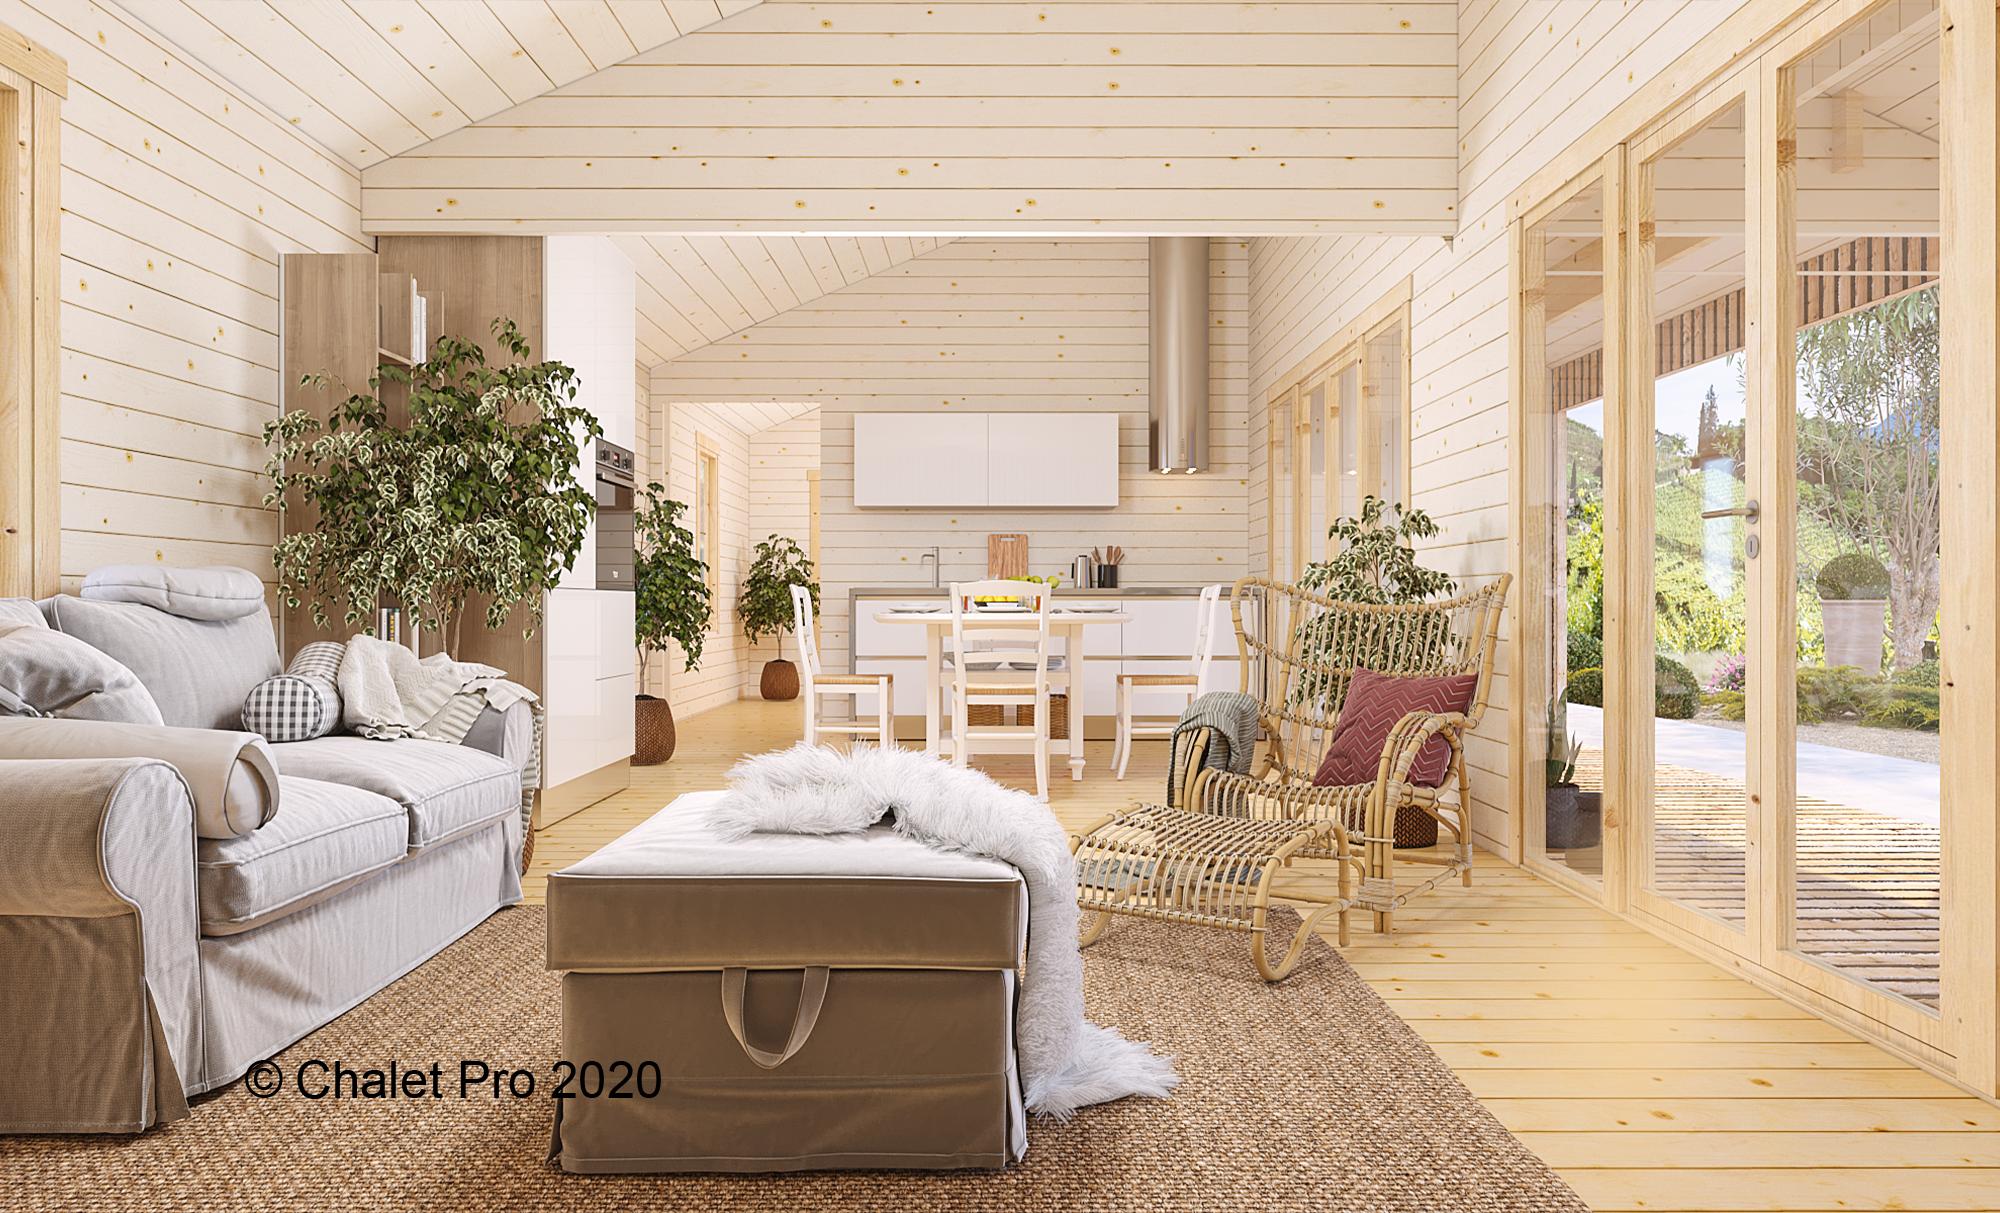 Chalet Pro: votre habitation en bois sur mesure!